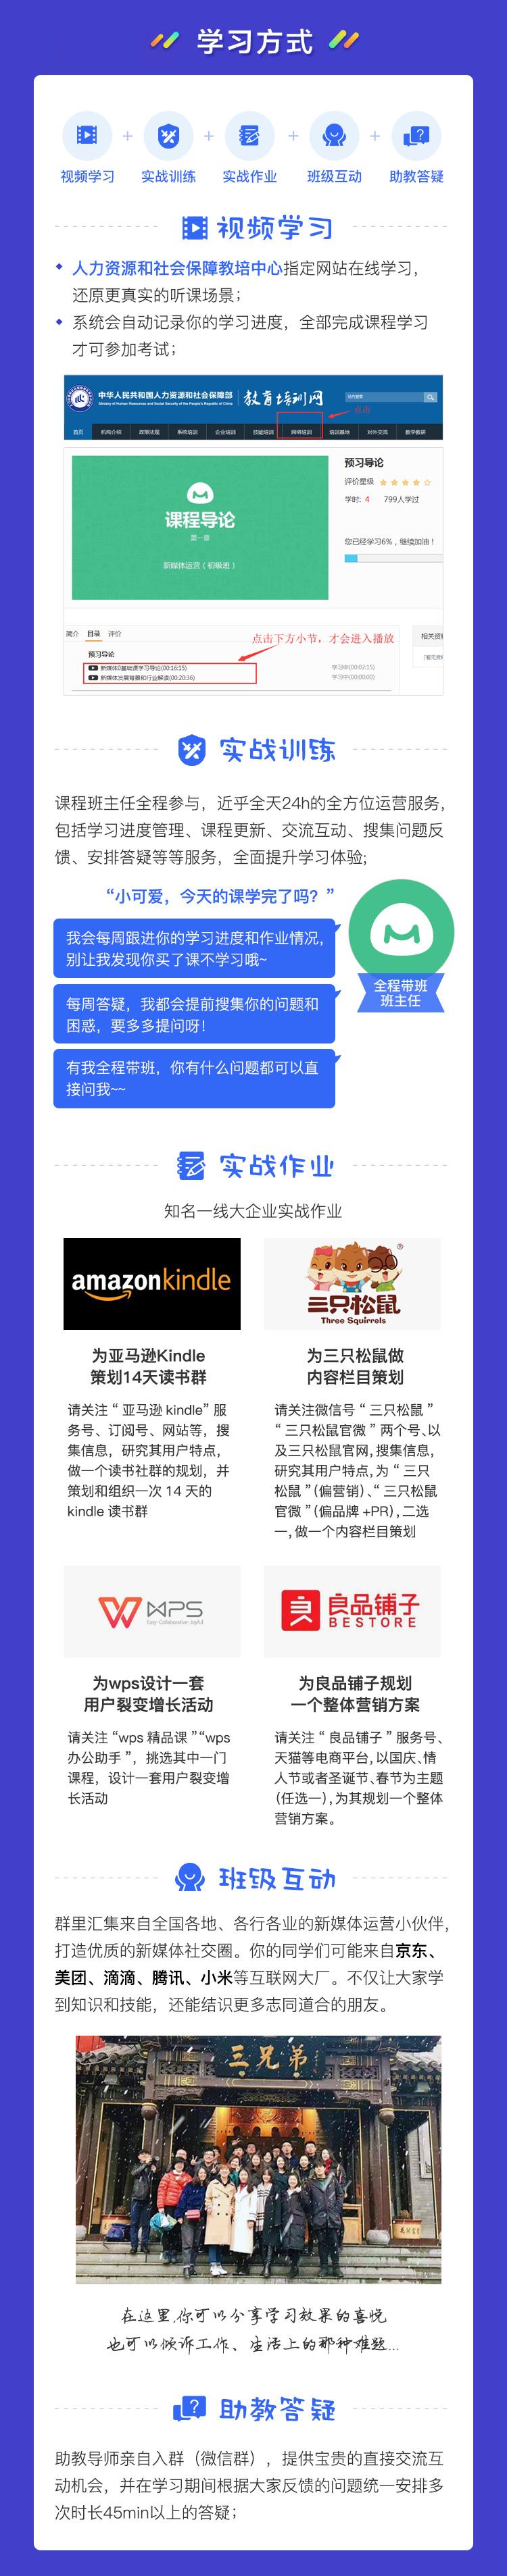 http://mtedu-img.oss-cn-beijing-internal.aliyuncs.com/ueditor/20200108171119_563198.jpeg